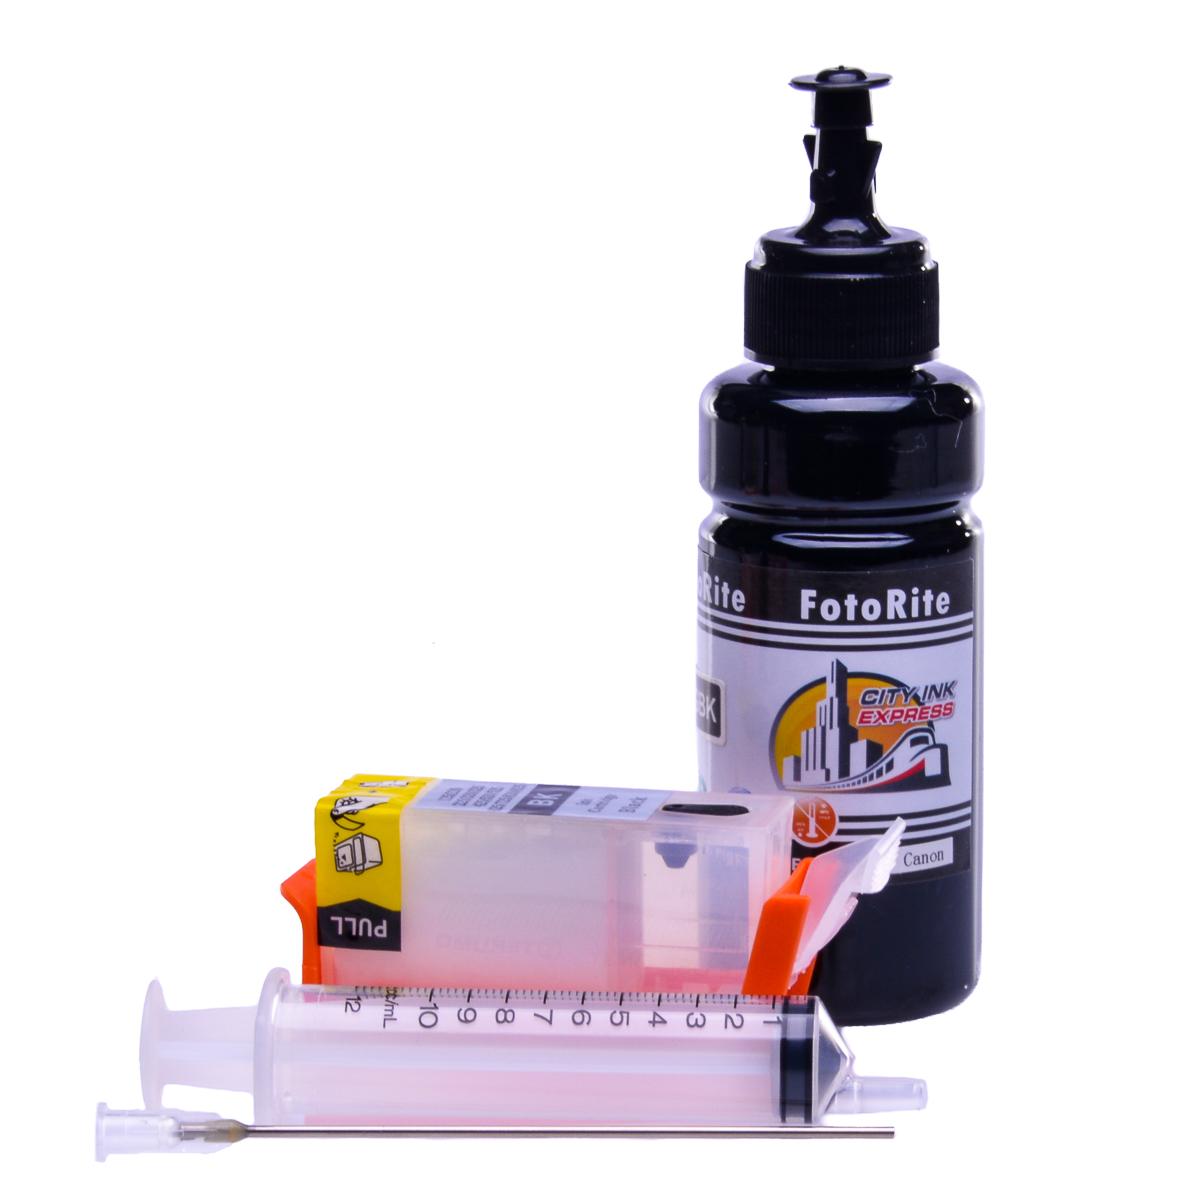 Refillable pigment Cheap printer cartridges for Canon Pixma MG5350 2932B001AA PGI-525BK Pigment Black